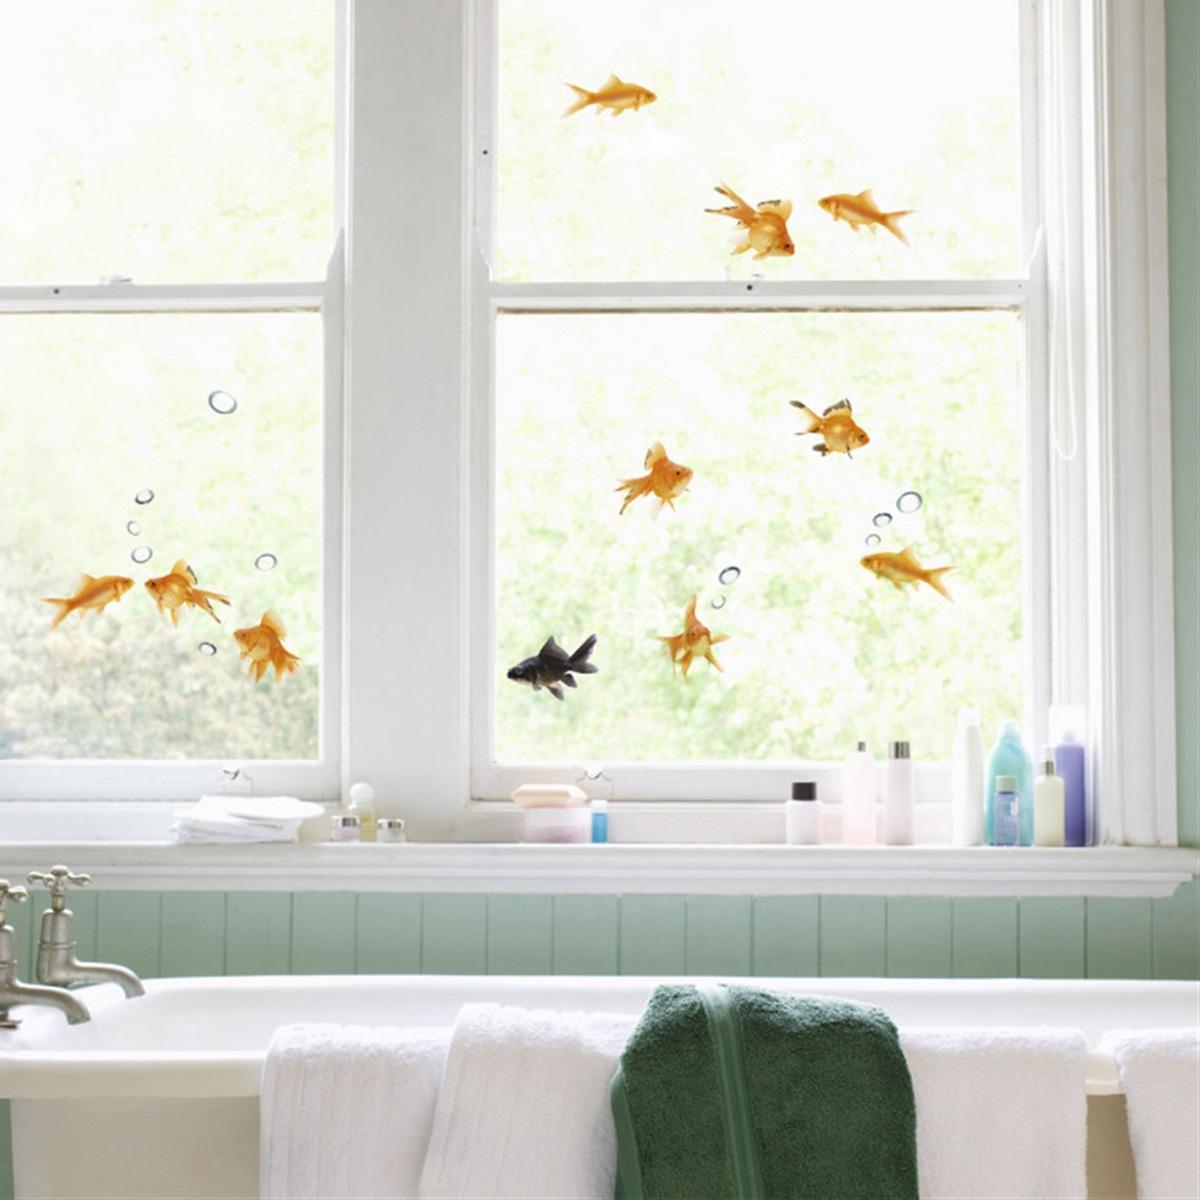 vinilos decorativos para baño - en la ventana